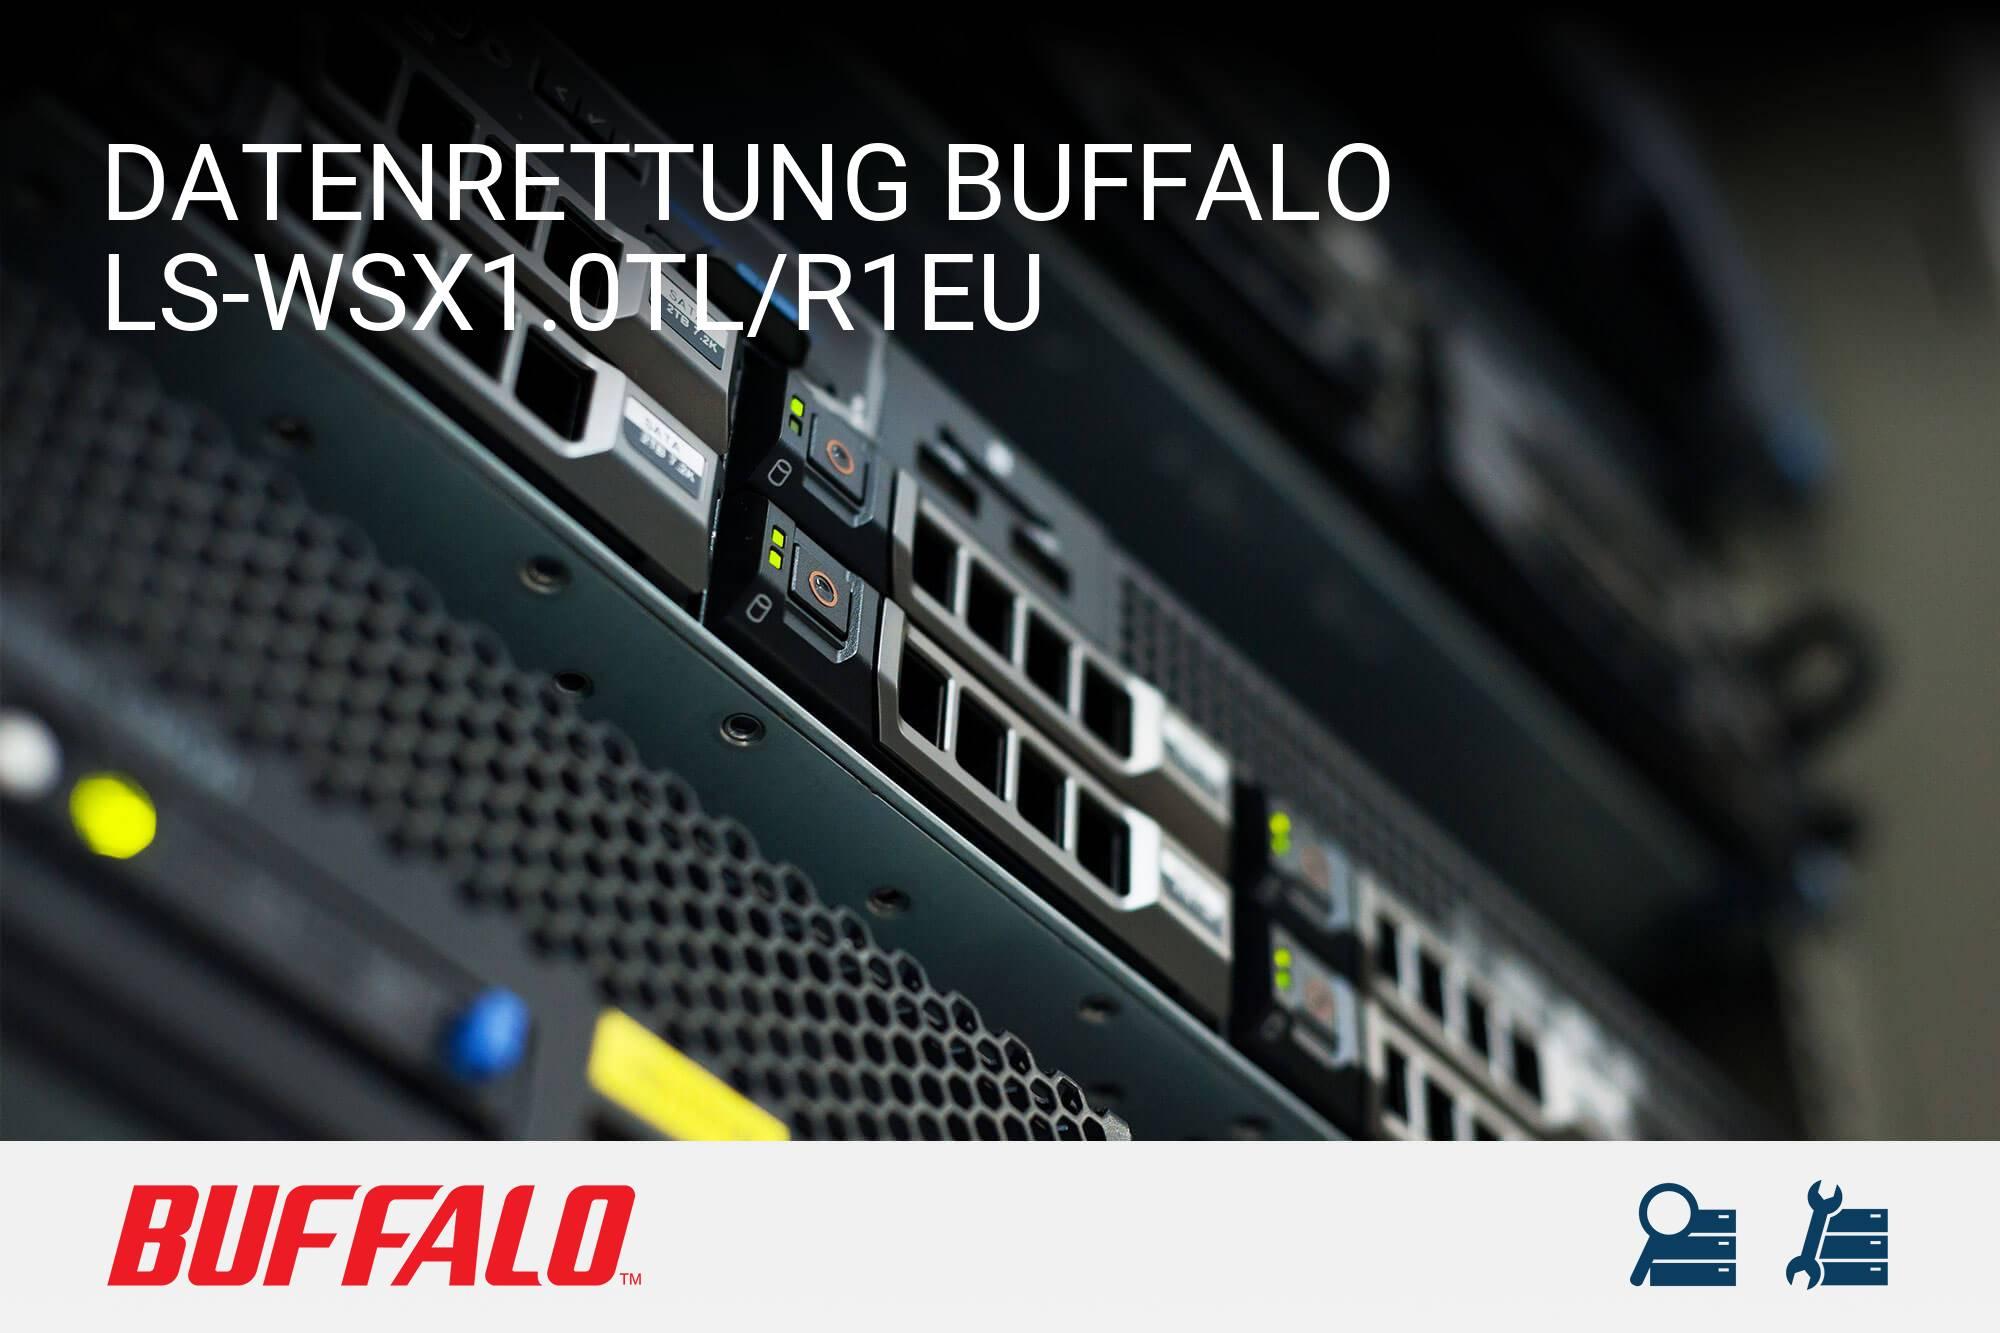 Buffalo LS-WSX1.0TL/R1EU